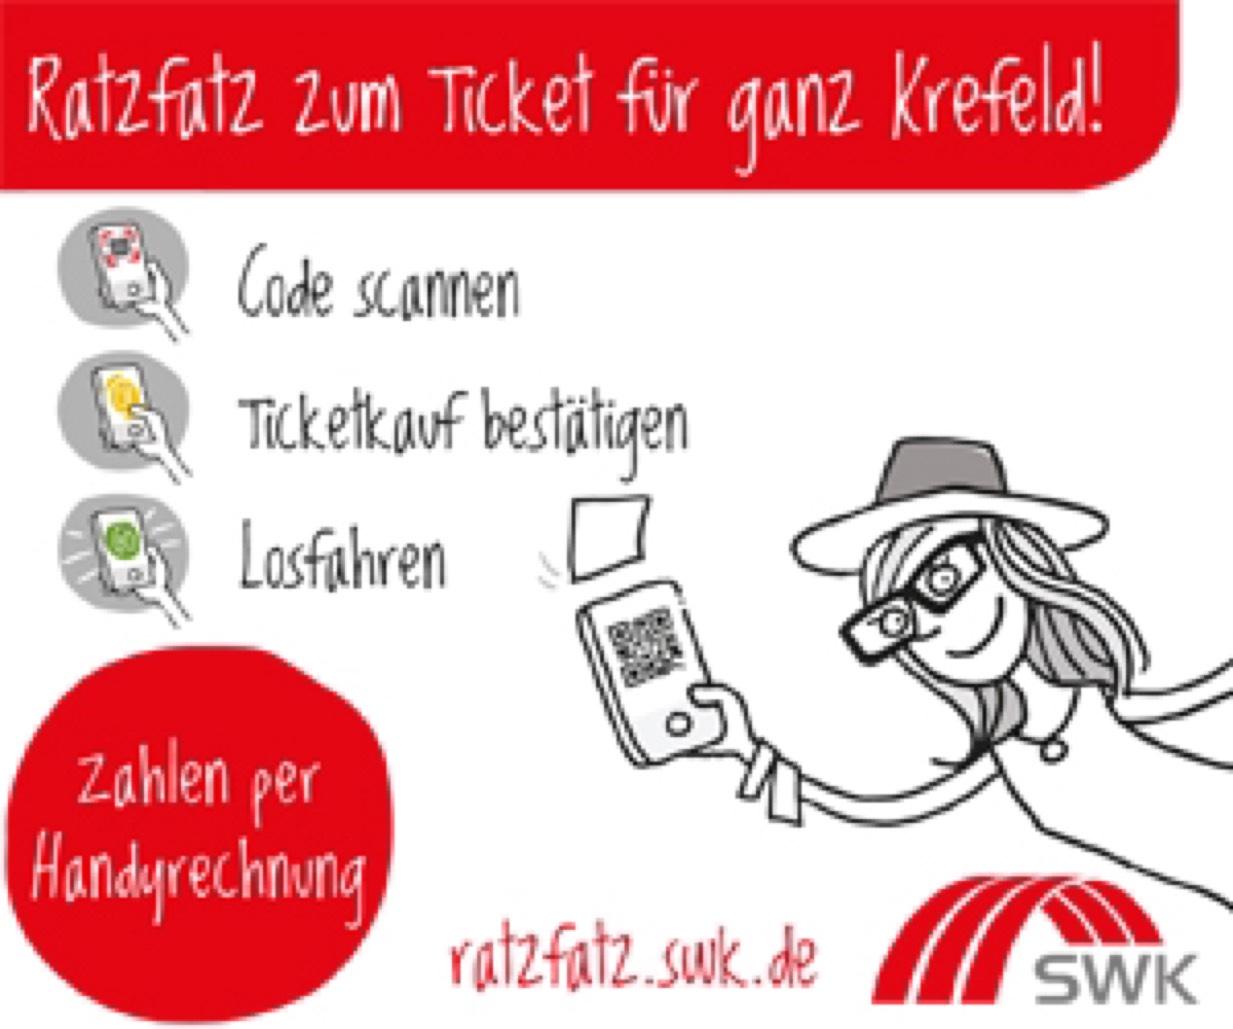 [lokal Krefeld] Einzelticket PS A für Bus und Bahn nur 1,- statt 2,70